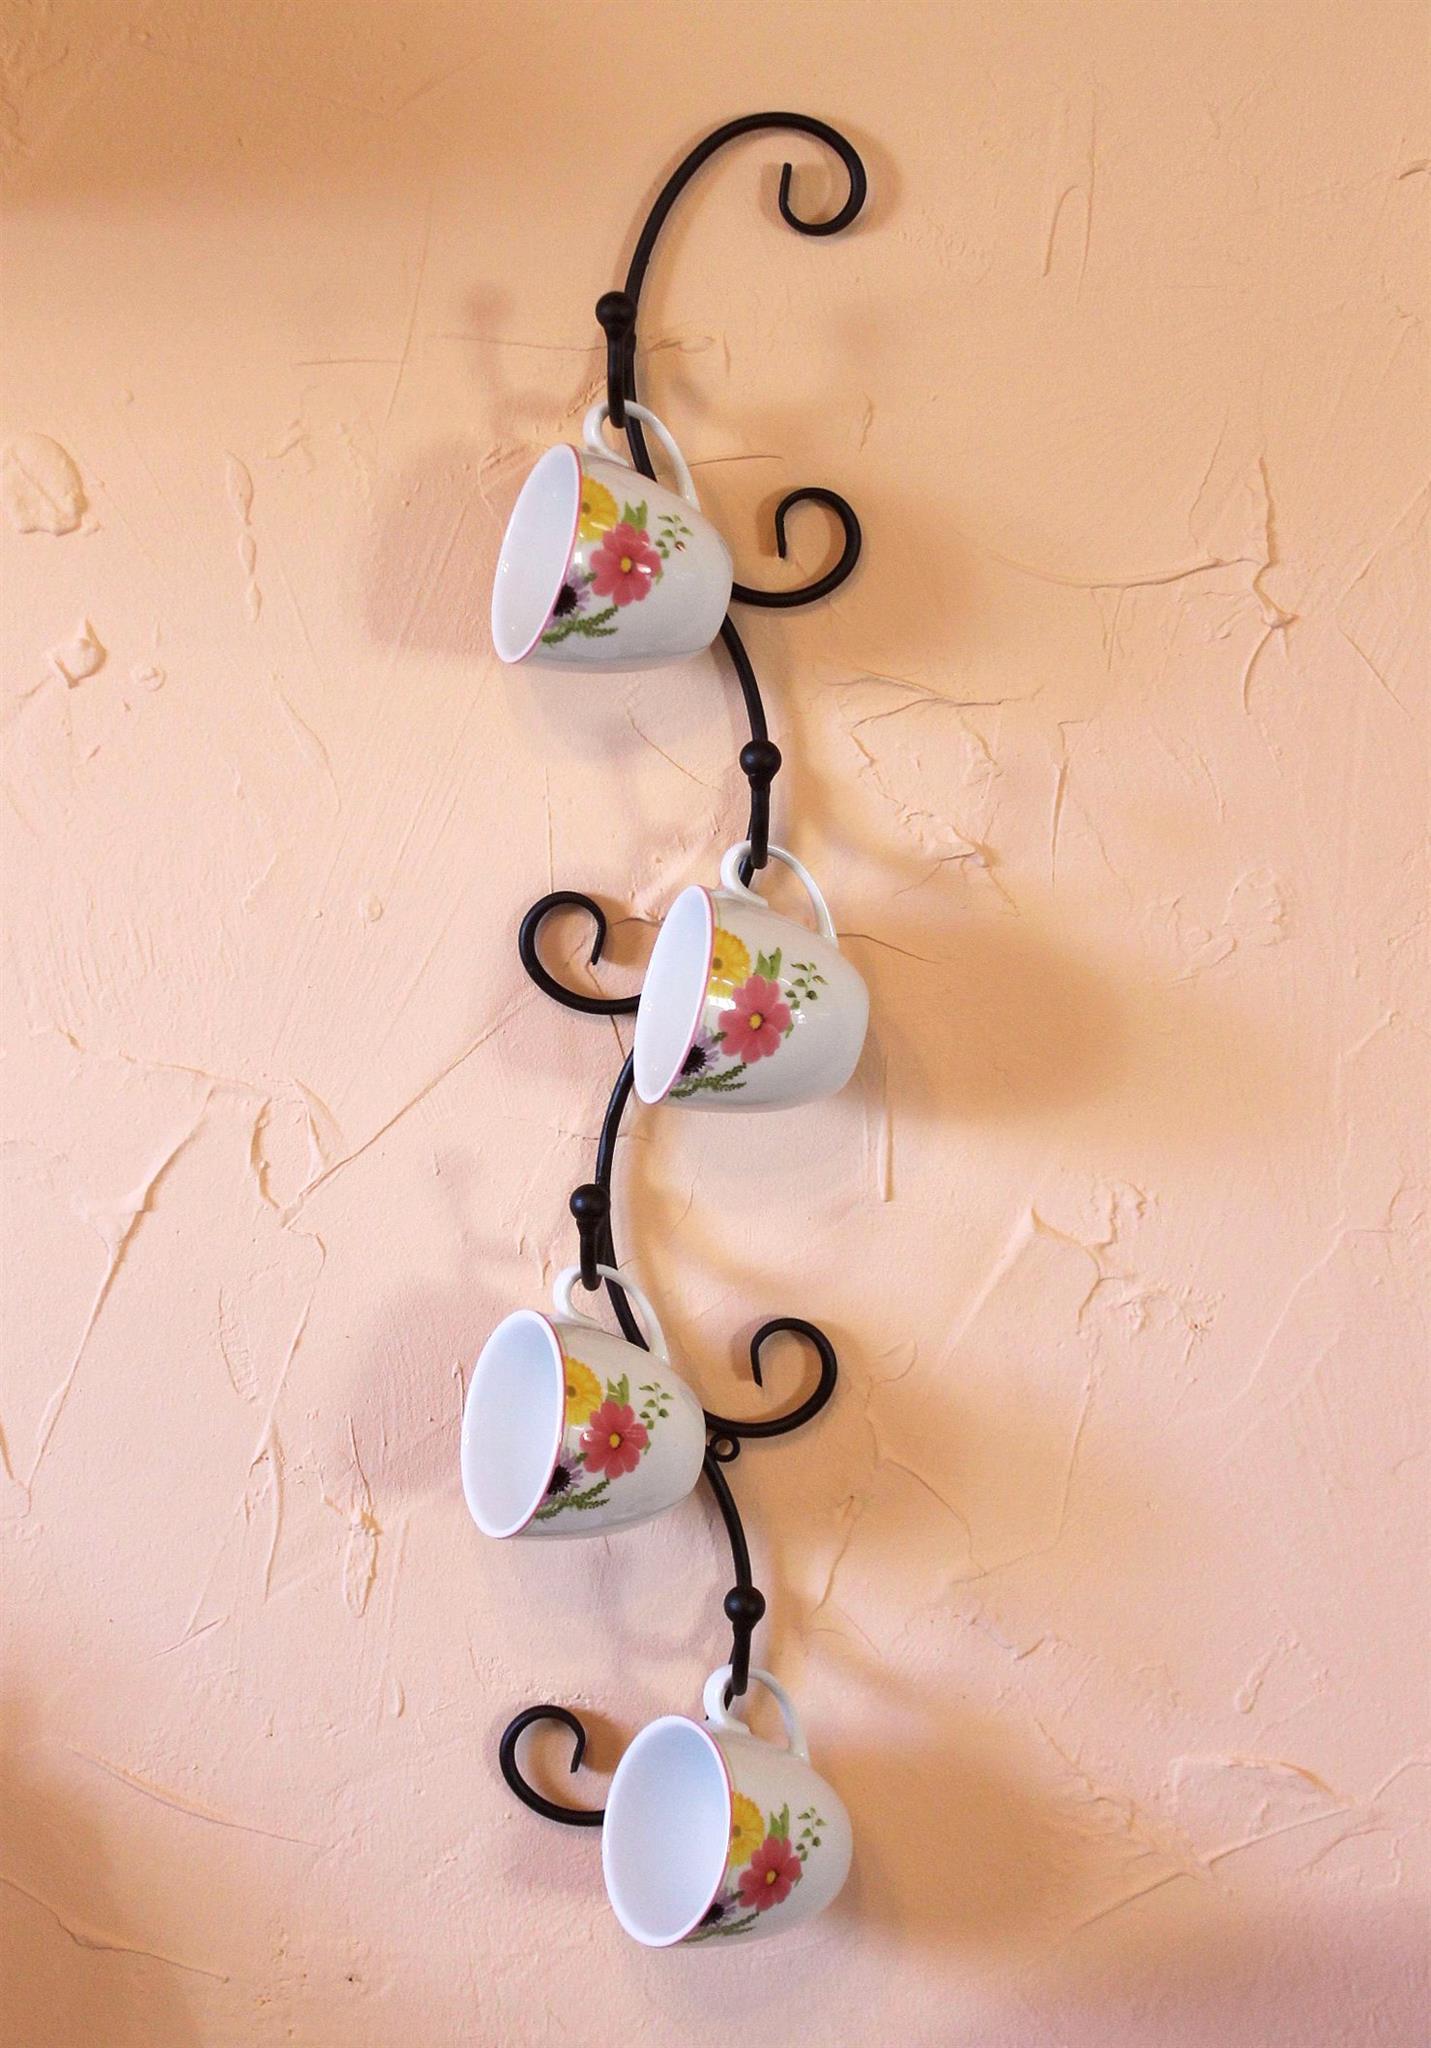 Tassenhalter Wand Schwarz Metall 68 Cm Olivia Tassenhaken Küche Vintage  Antik Becherhalter